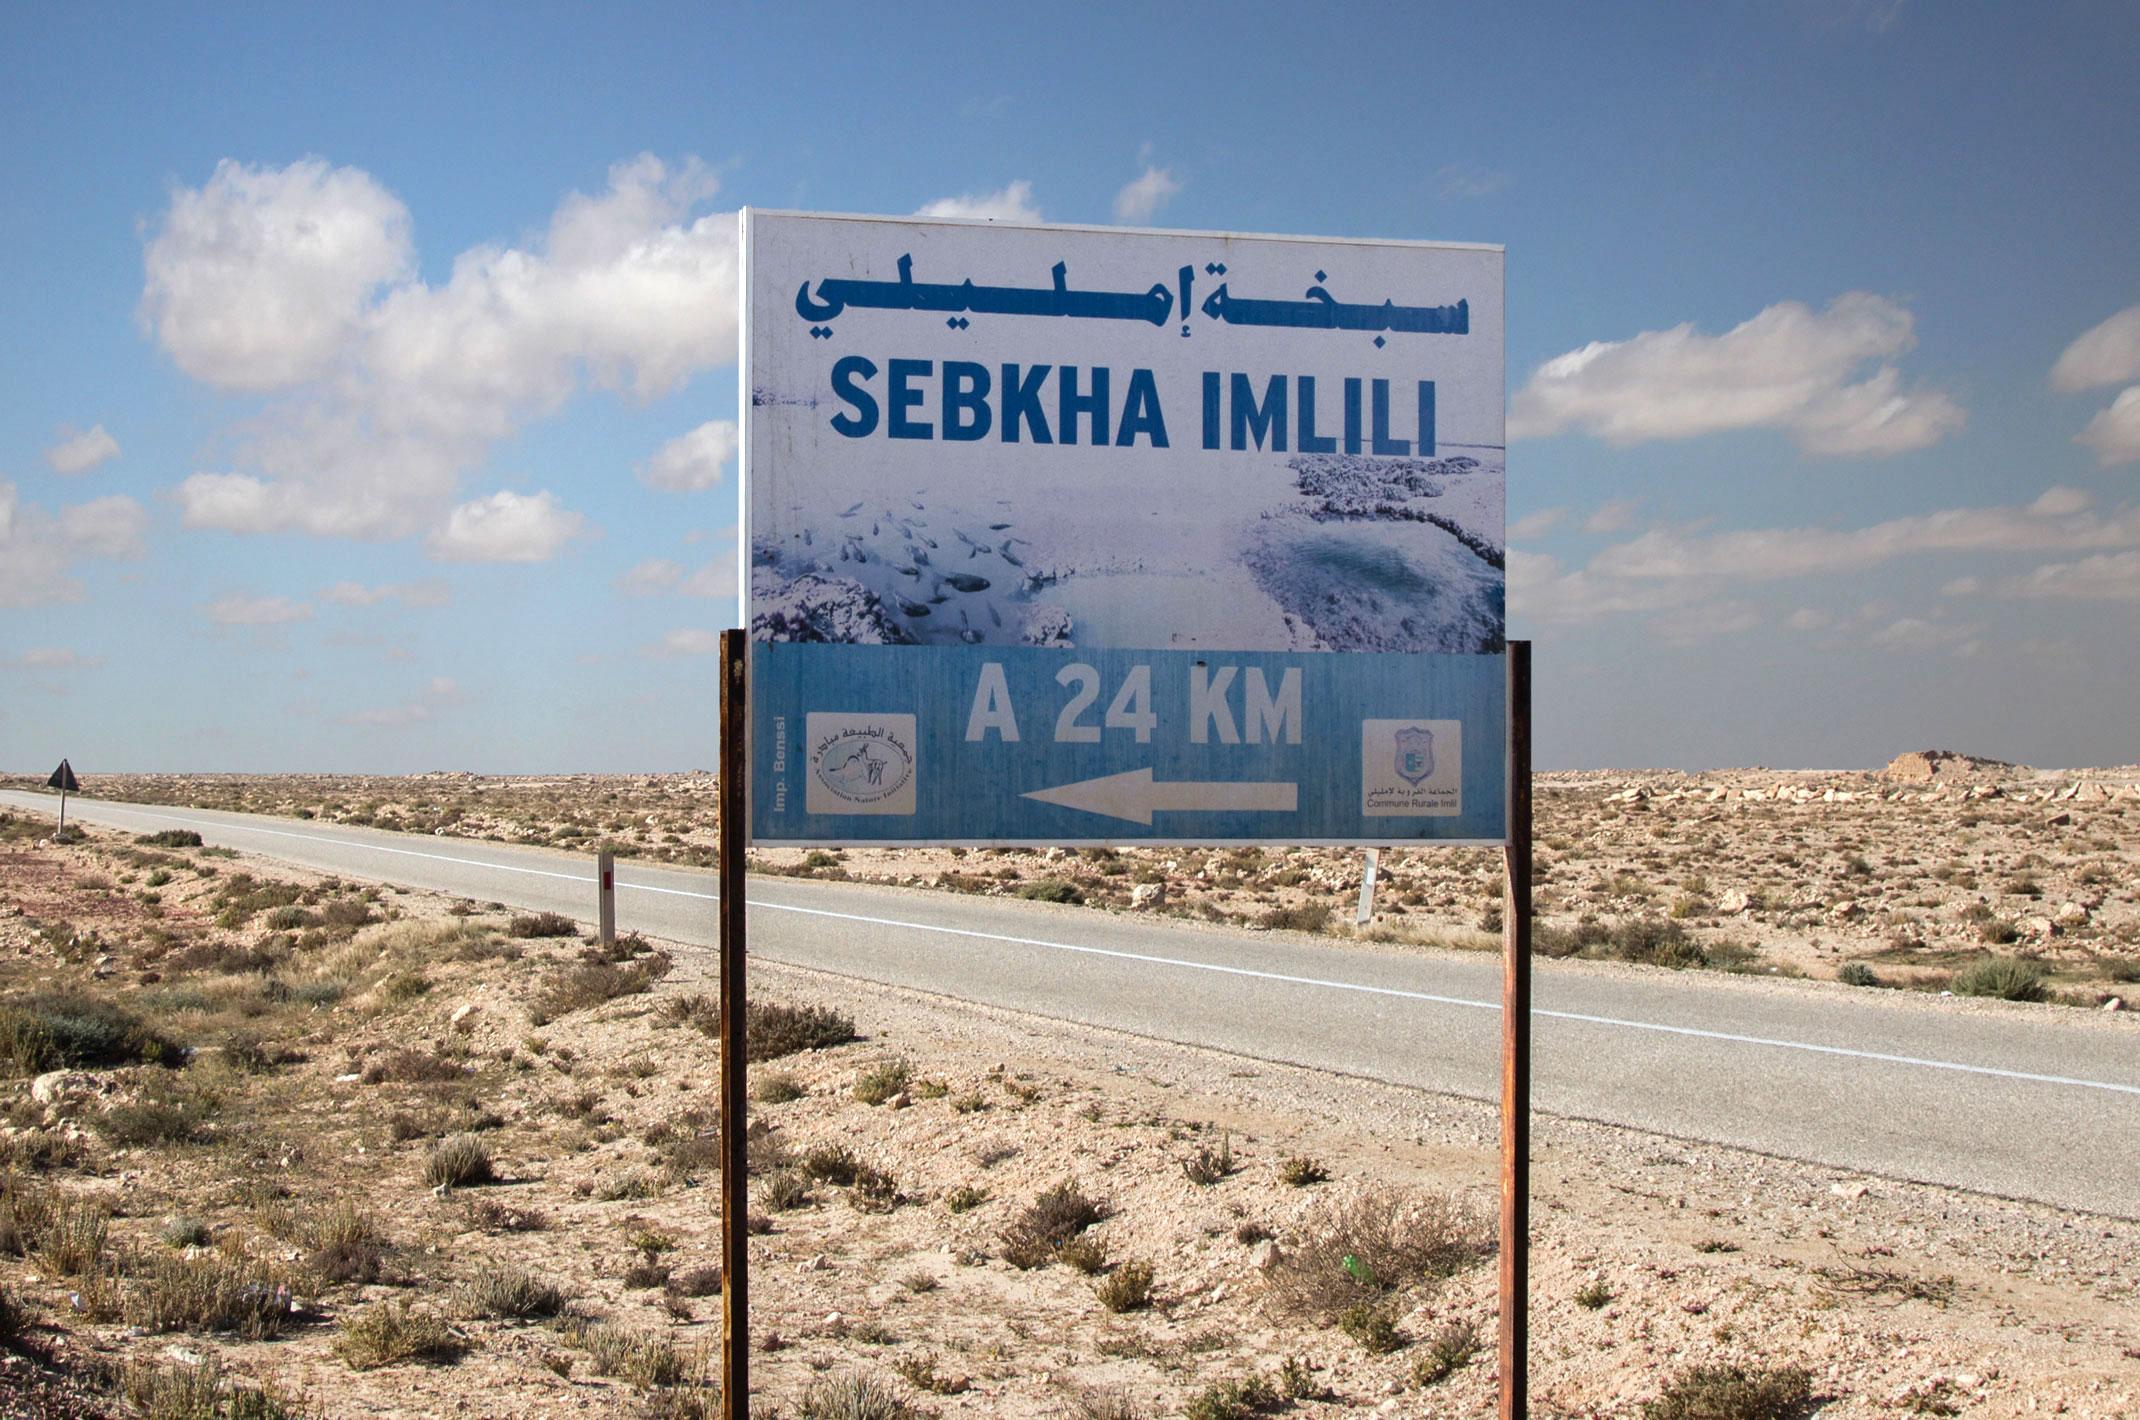 Sebkha Imlili